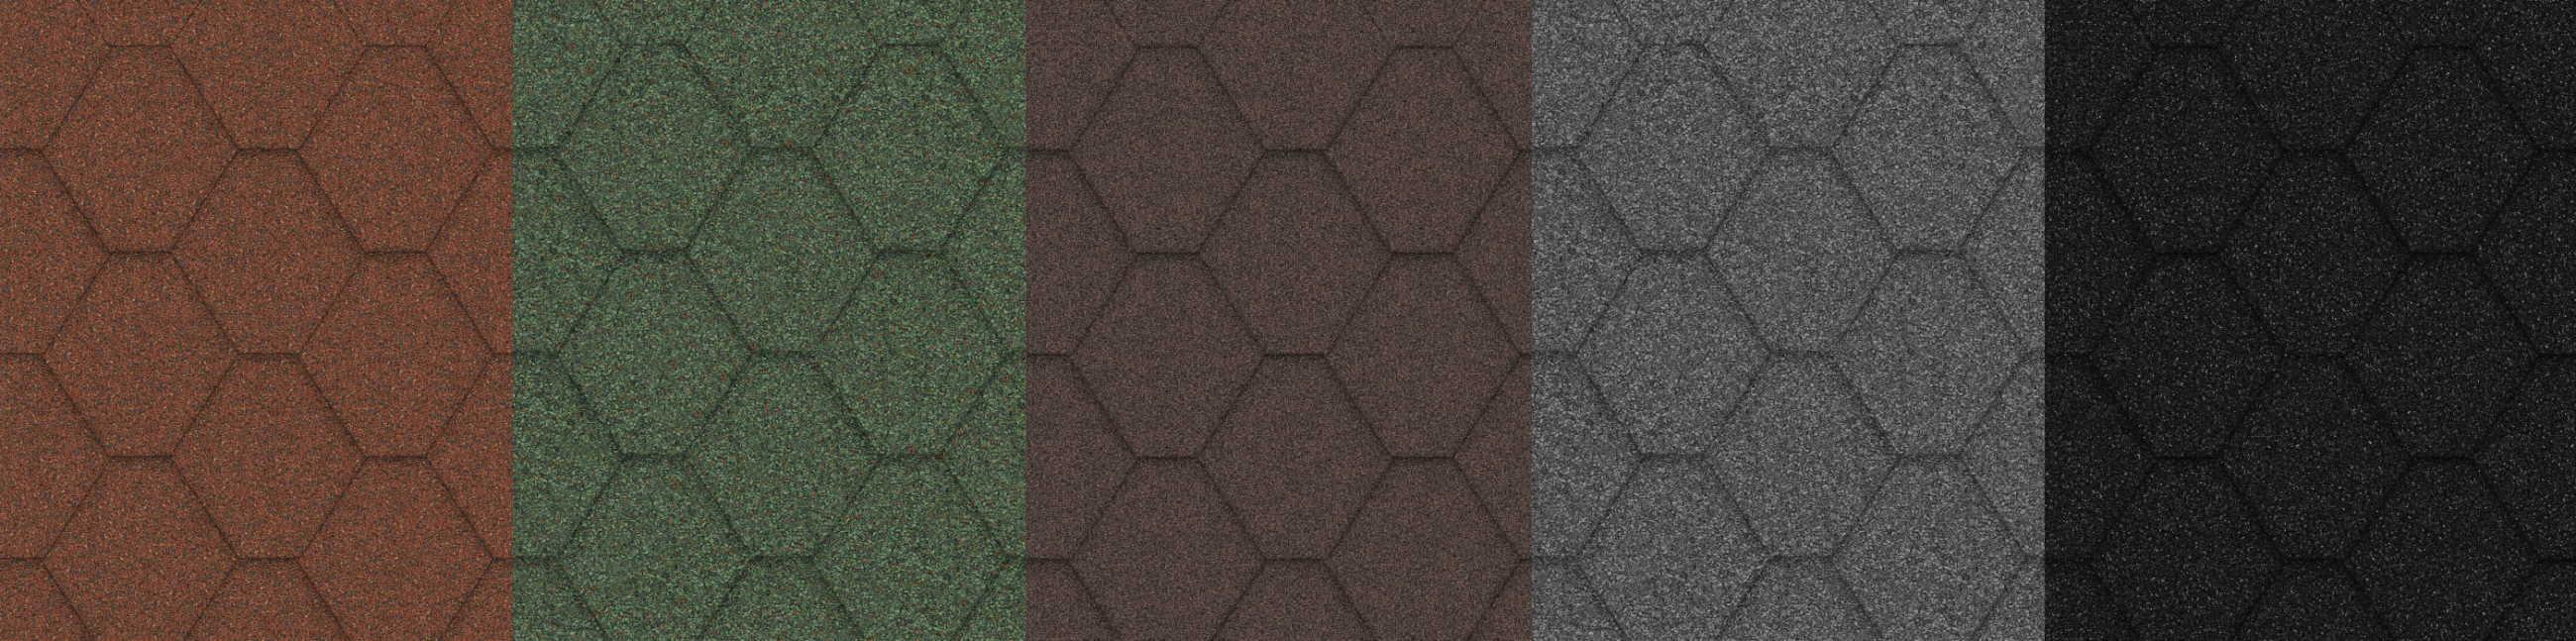 IMG - Plano Pro kattolaatta palahuopa värimallit samassa kuvassa - 2600x647